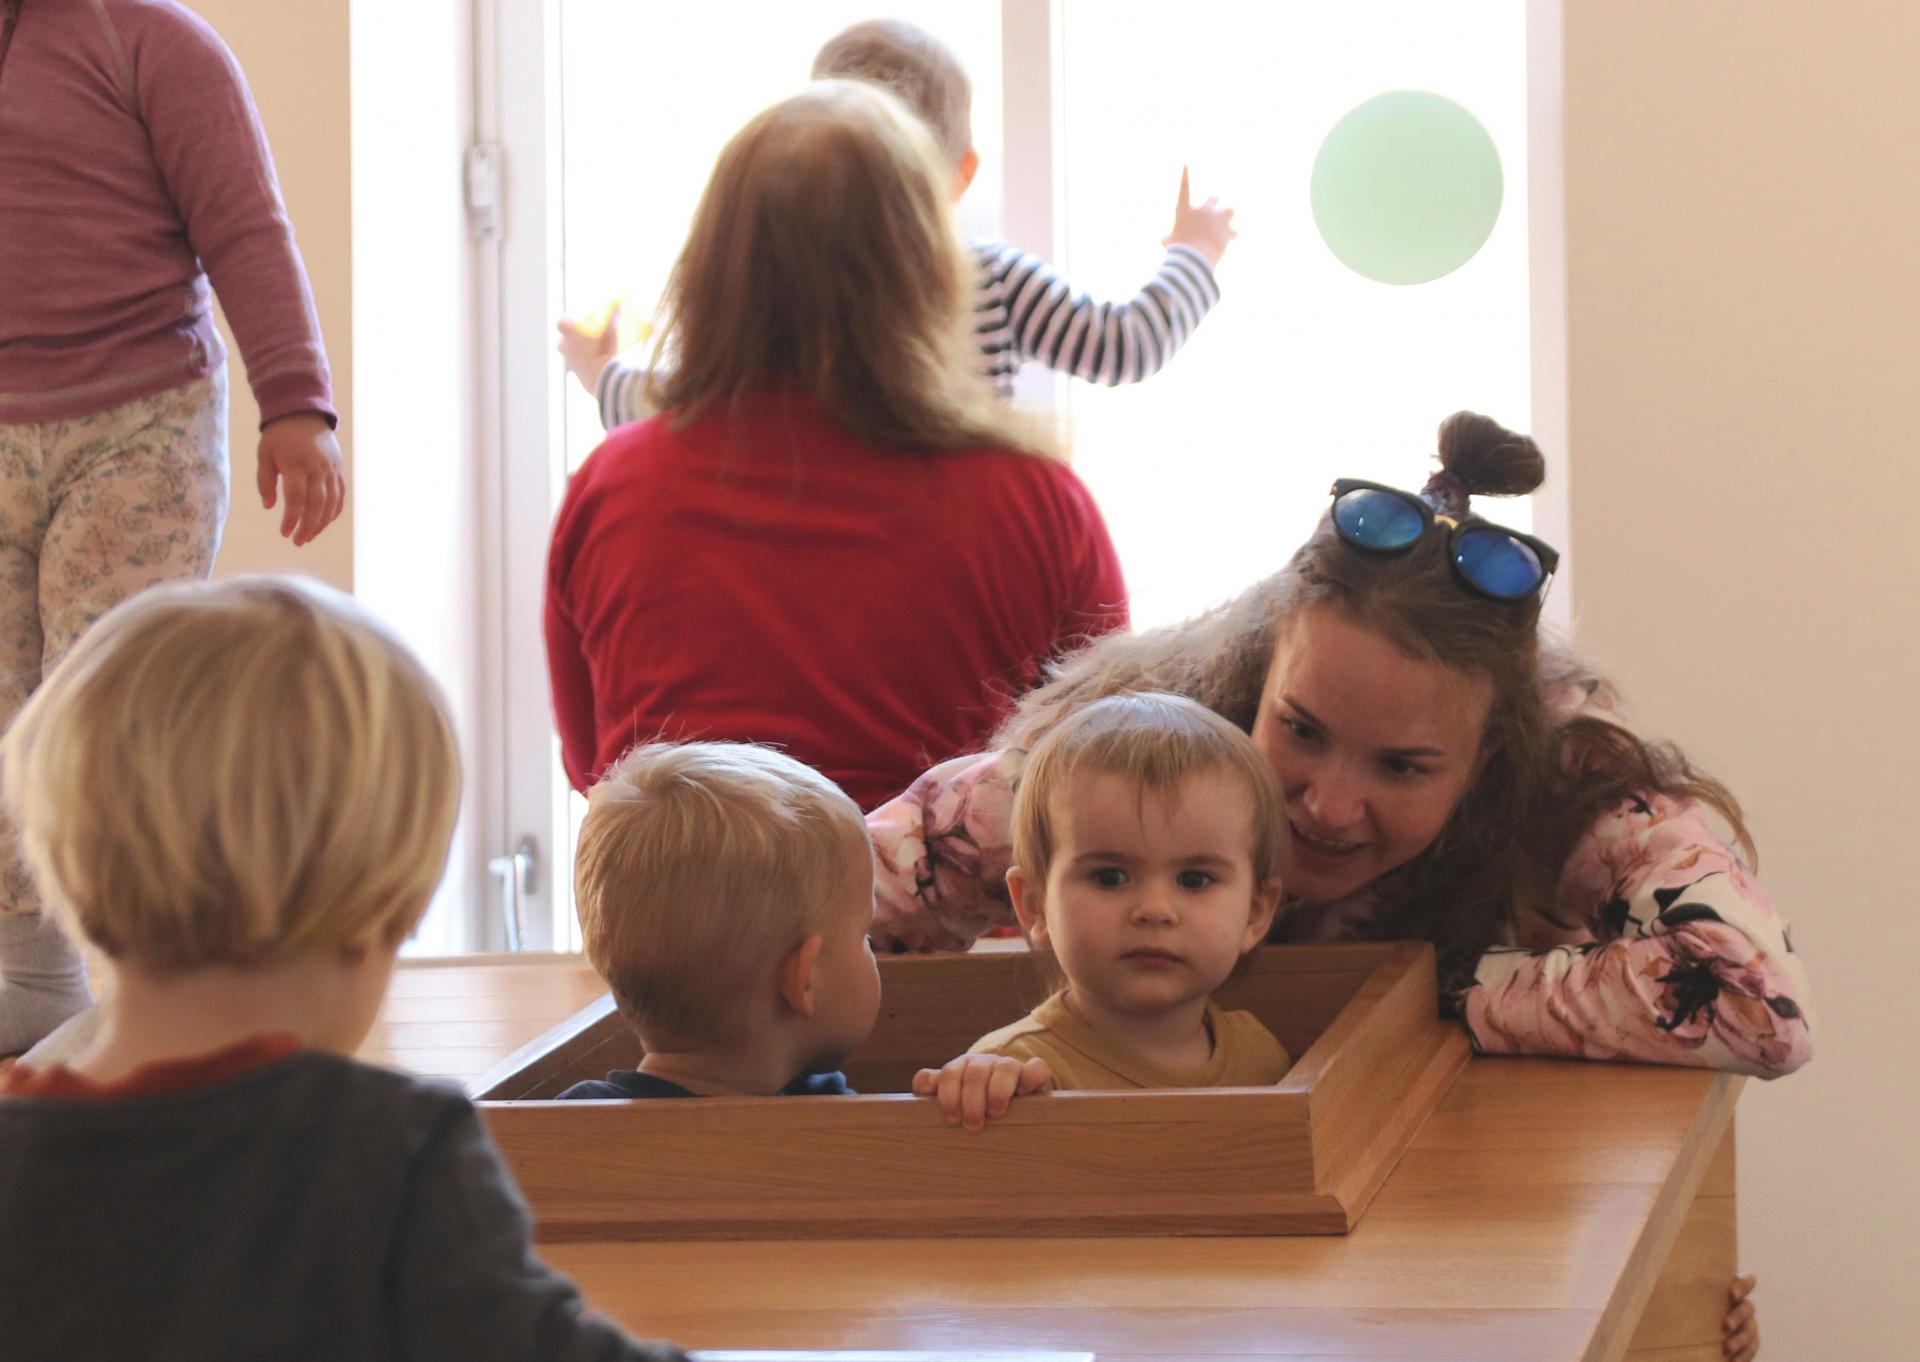 Barnas Kunstmuseum åpner igjen lørdag 25.september kl. 16